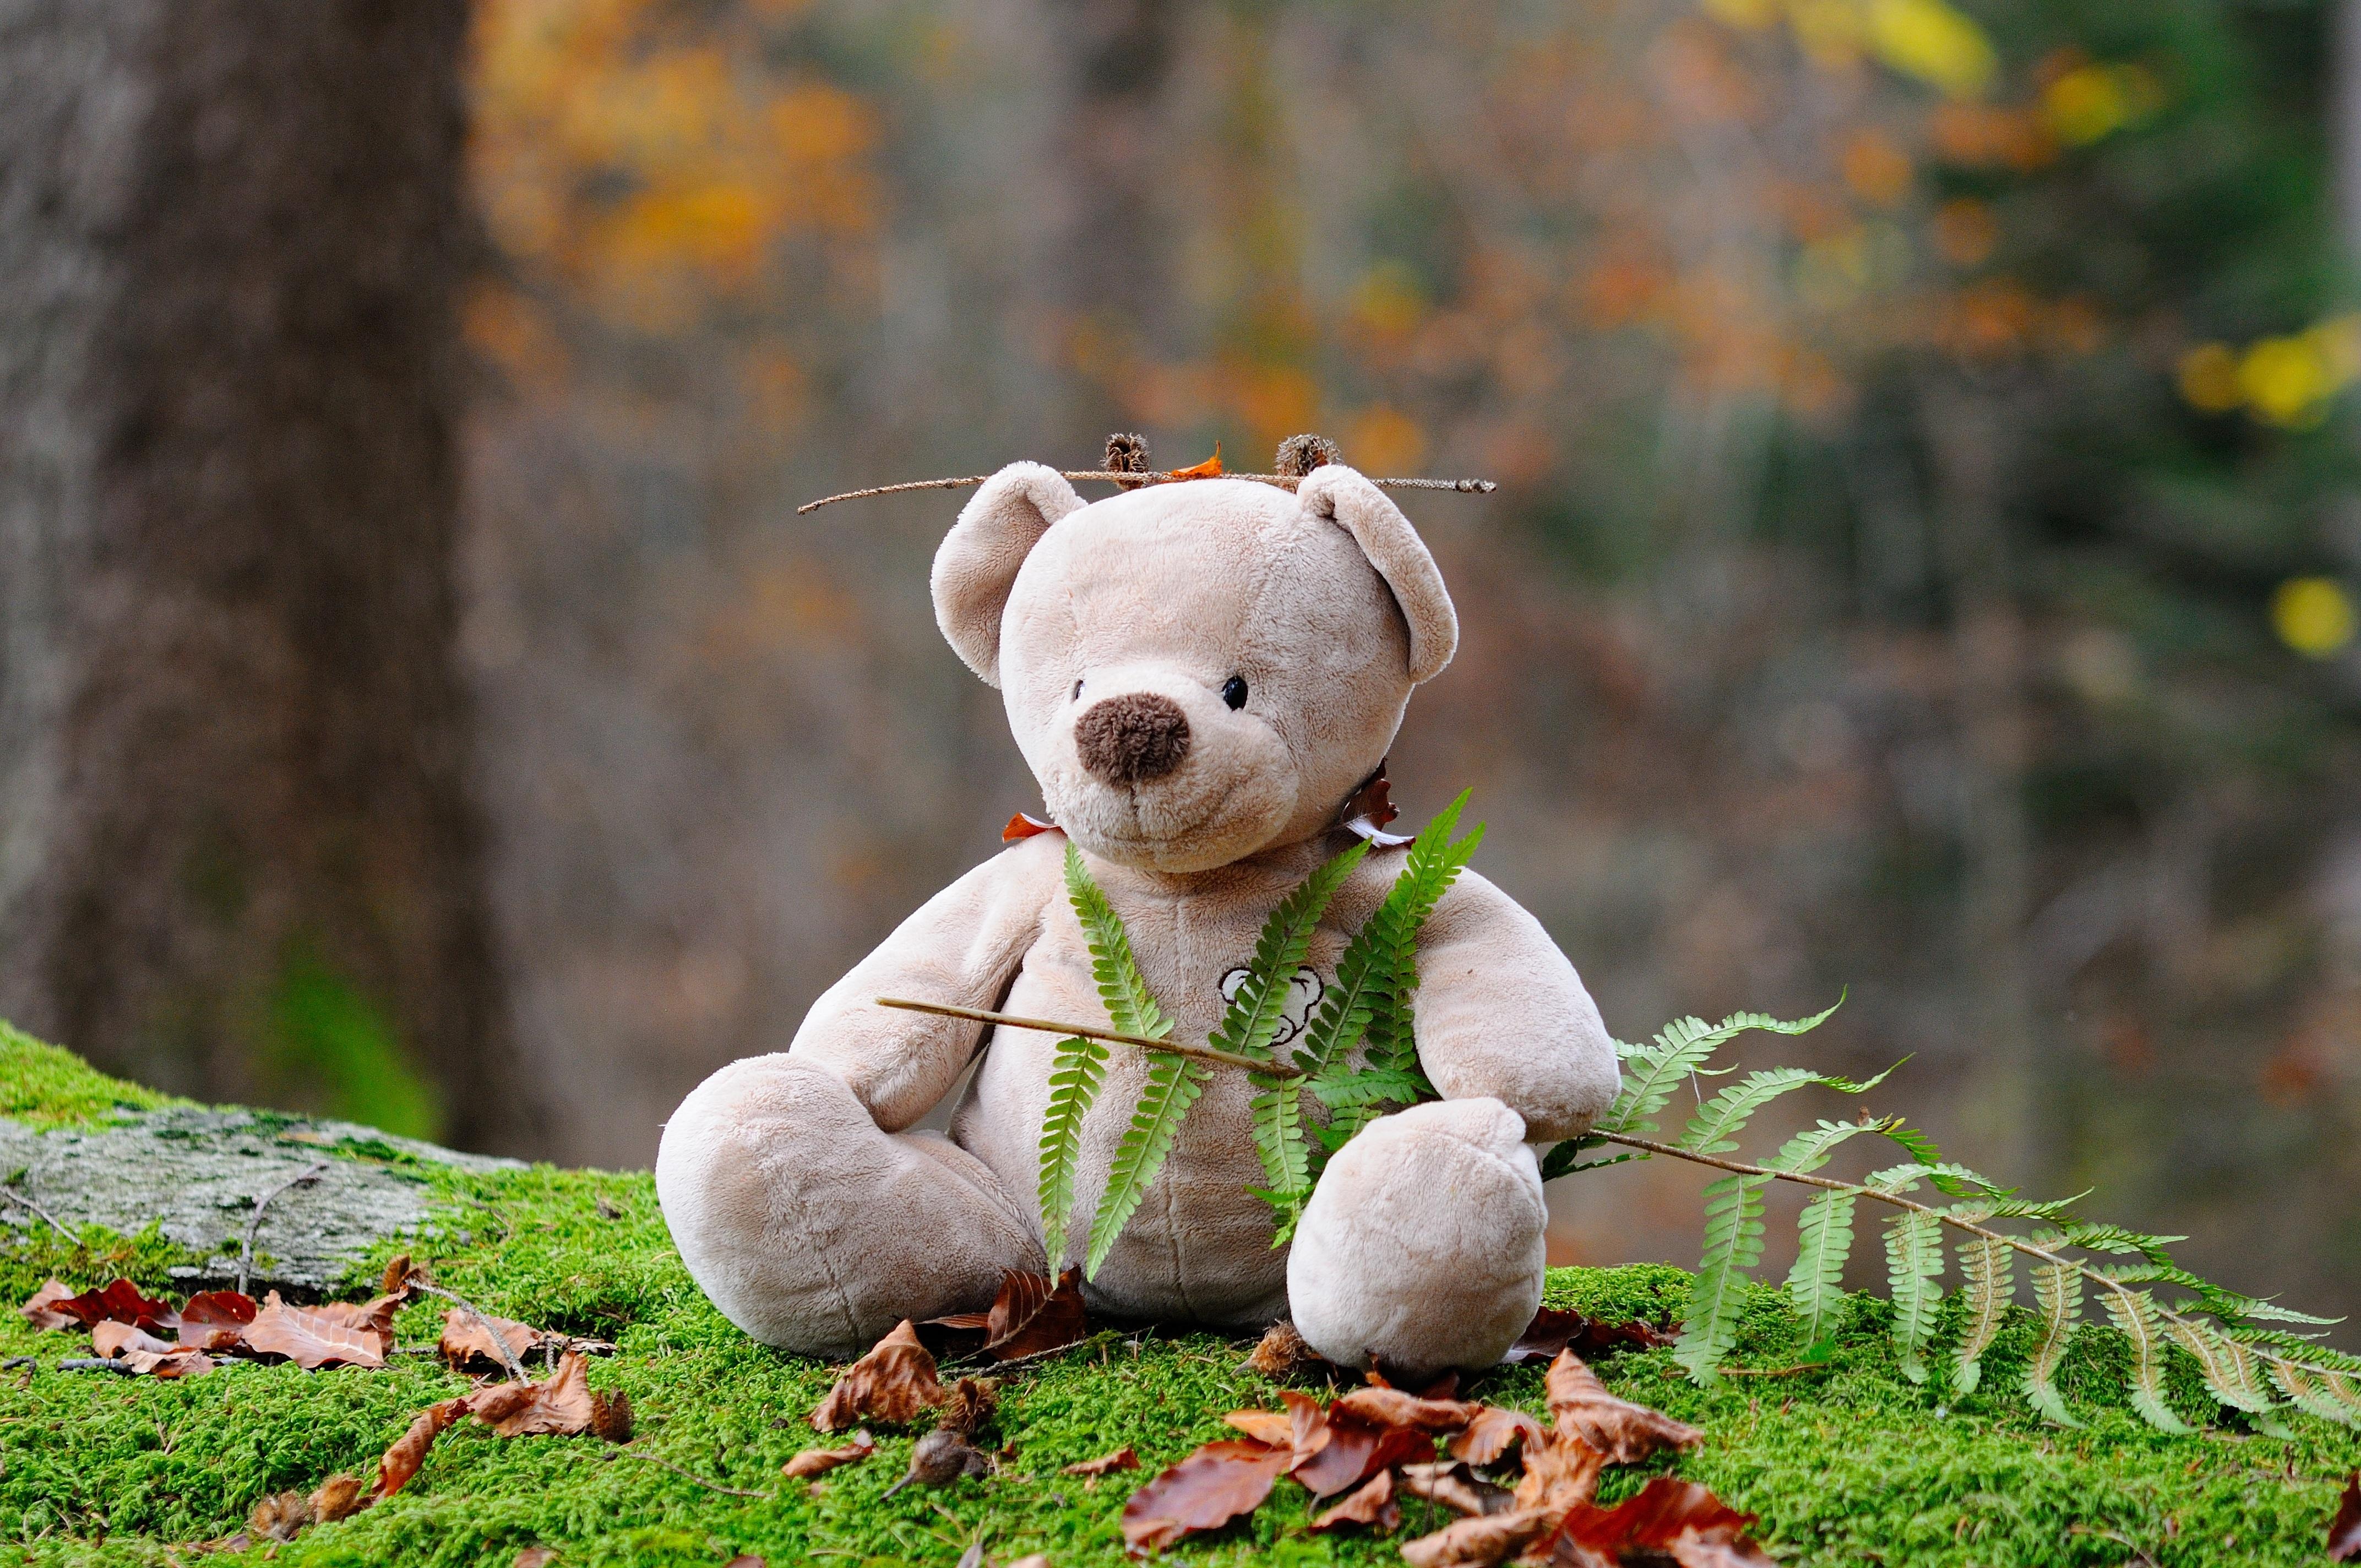 141836 скачать обои Разное, Плюшевый Медведь, Медведь, Игрушка, Трава - заставки и картинки бесплатно